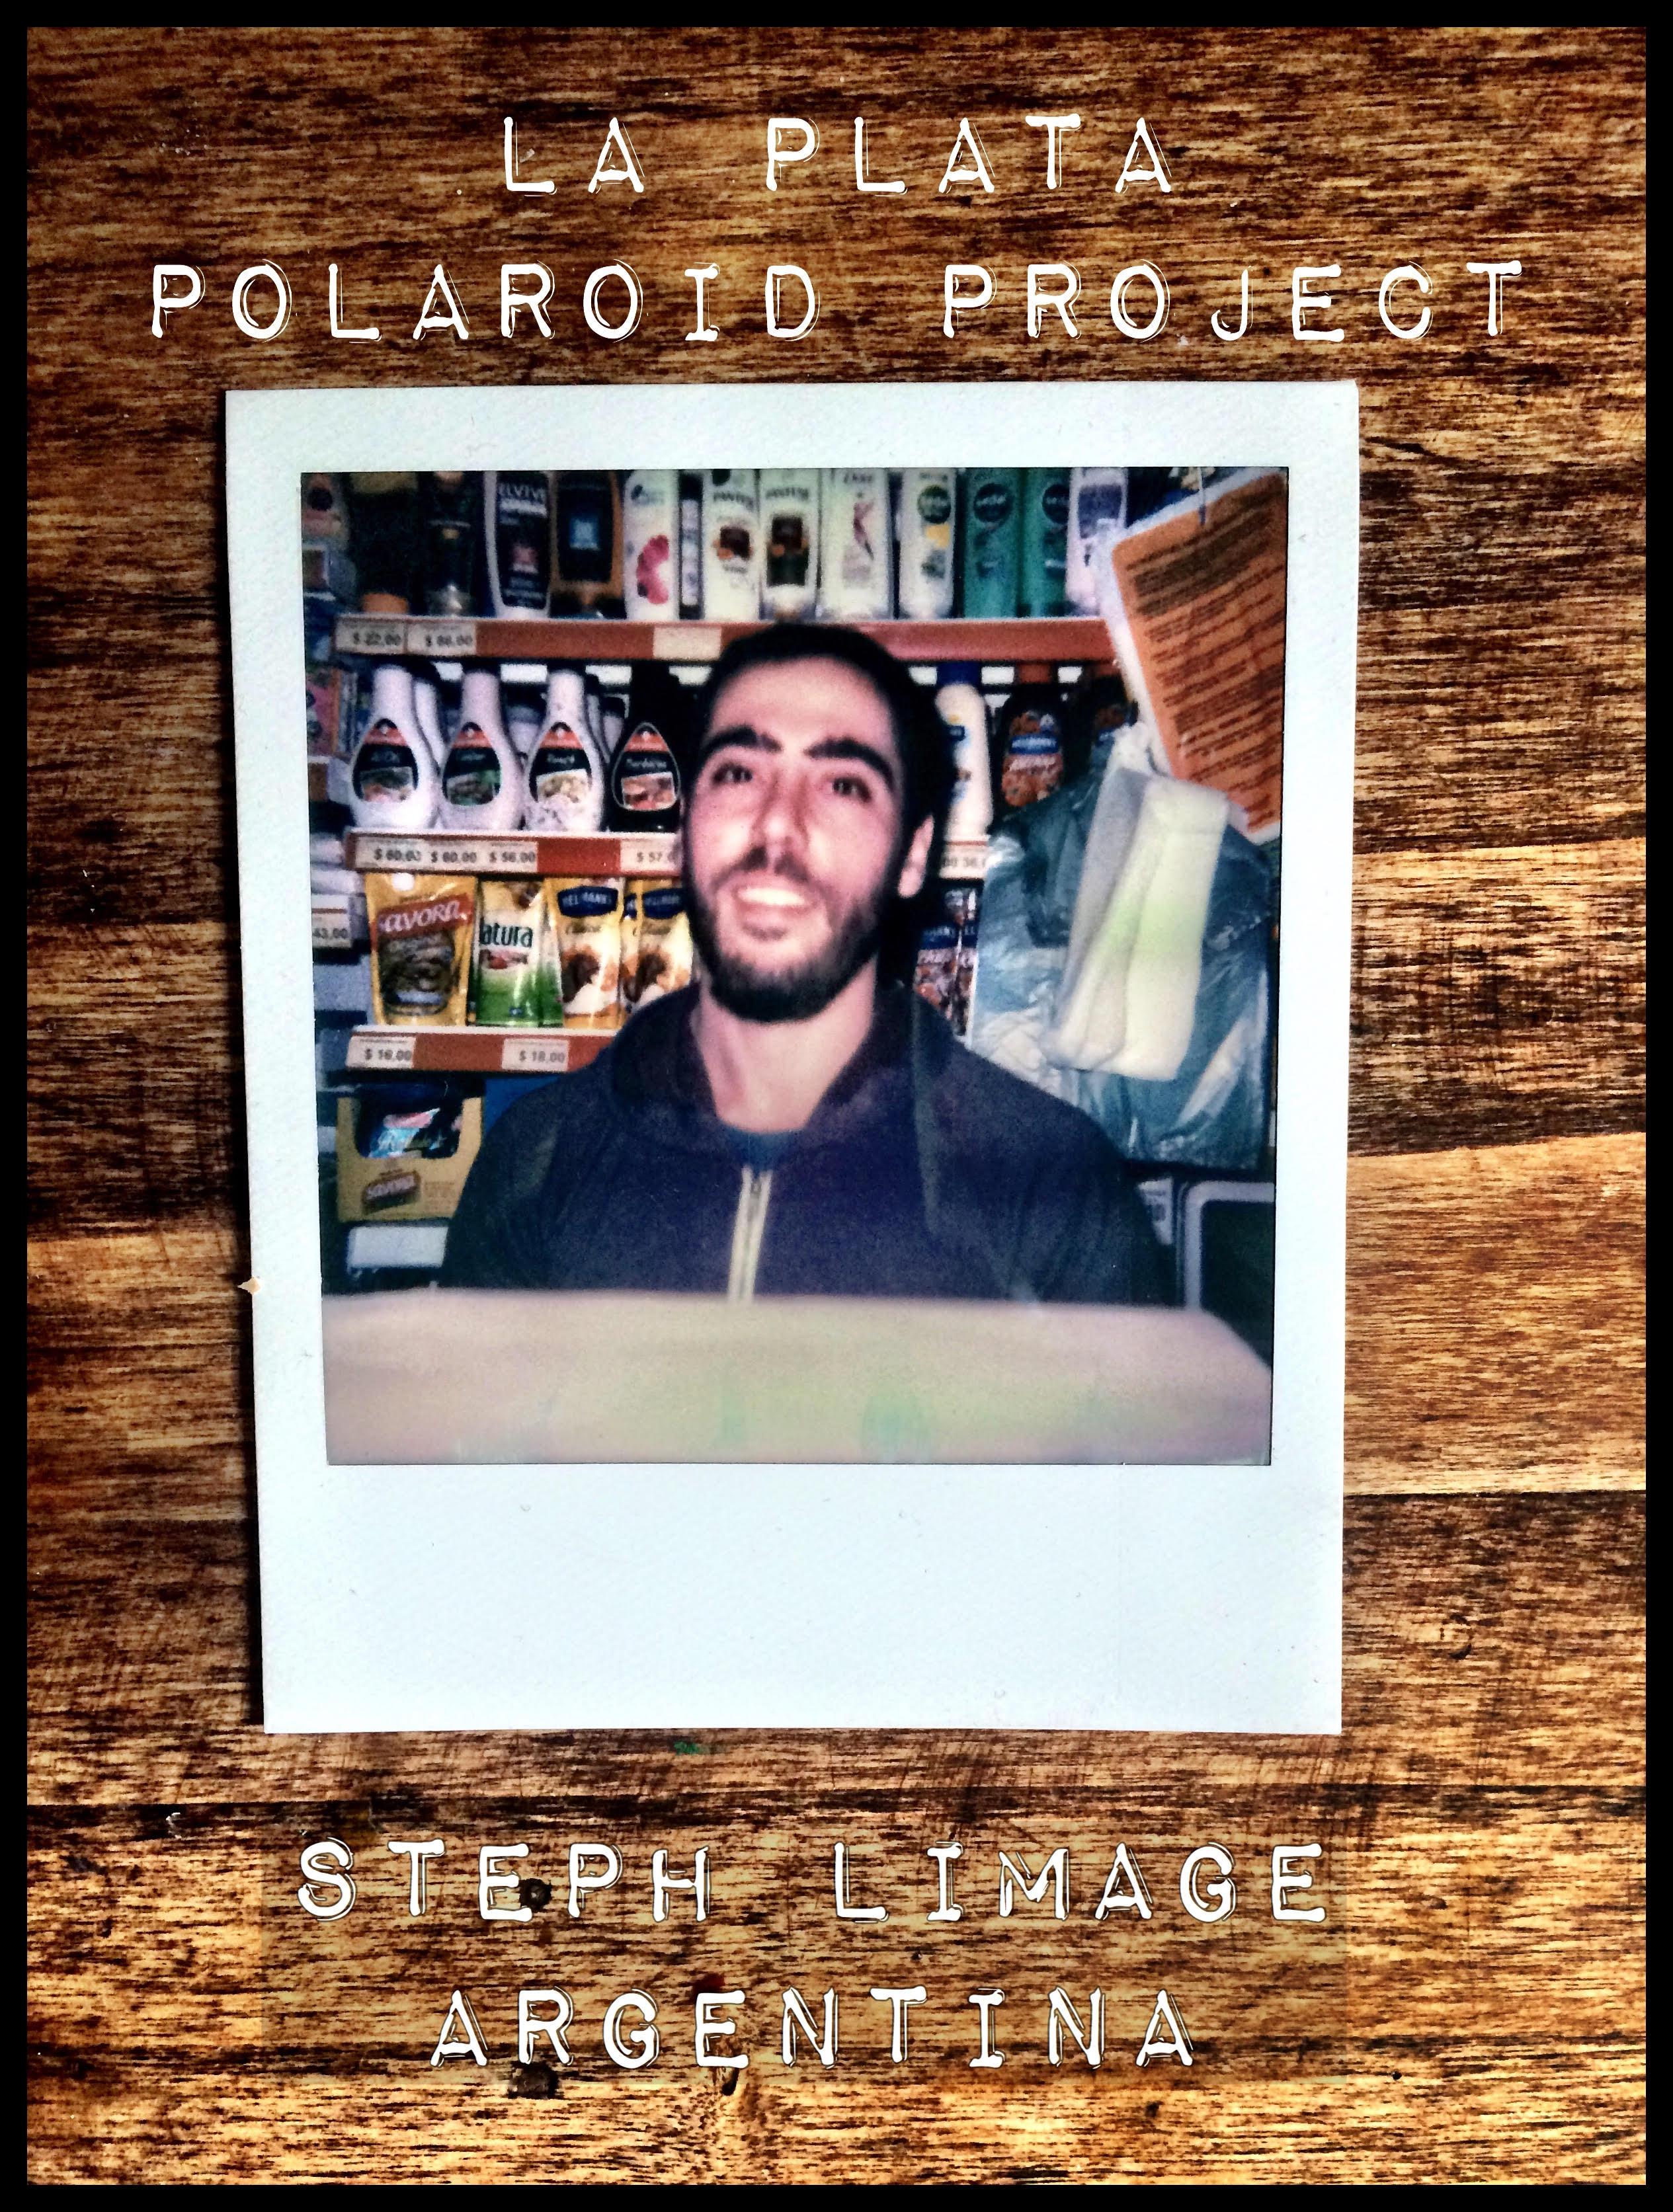 POLAROID PROJECT LA PLATA